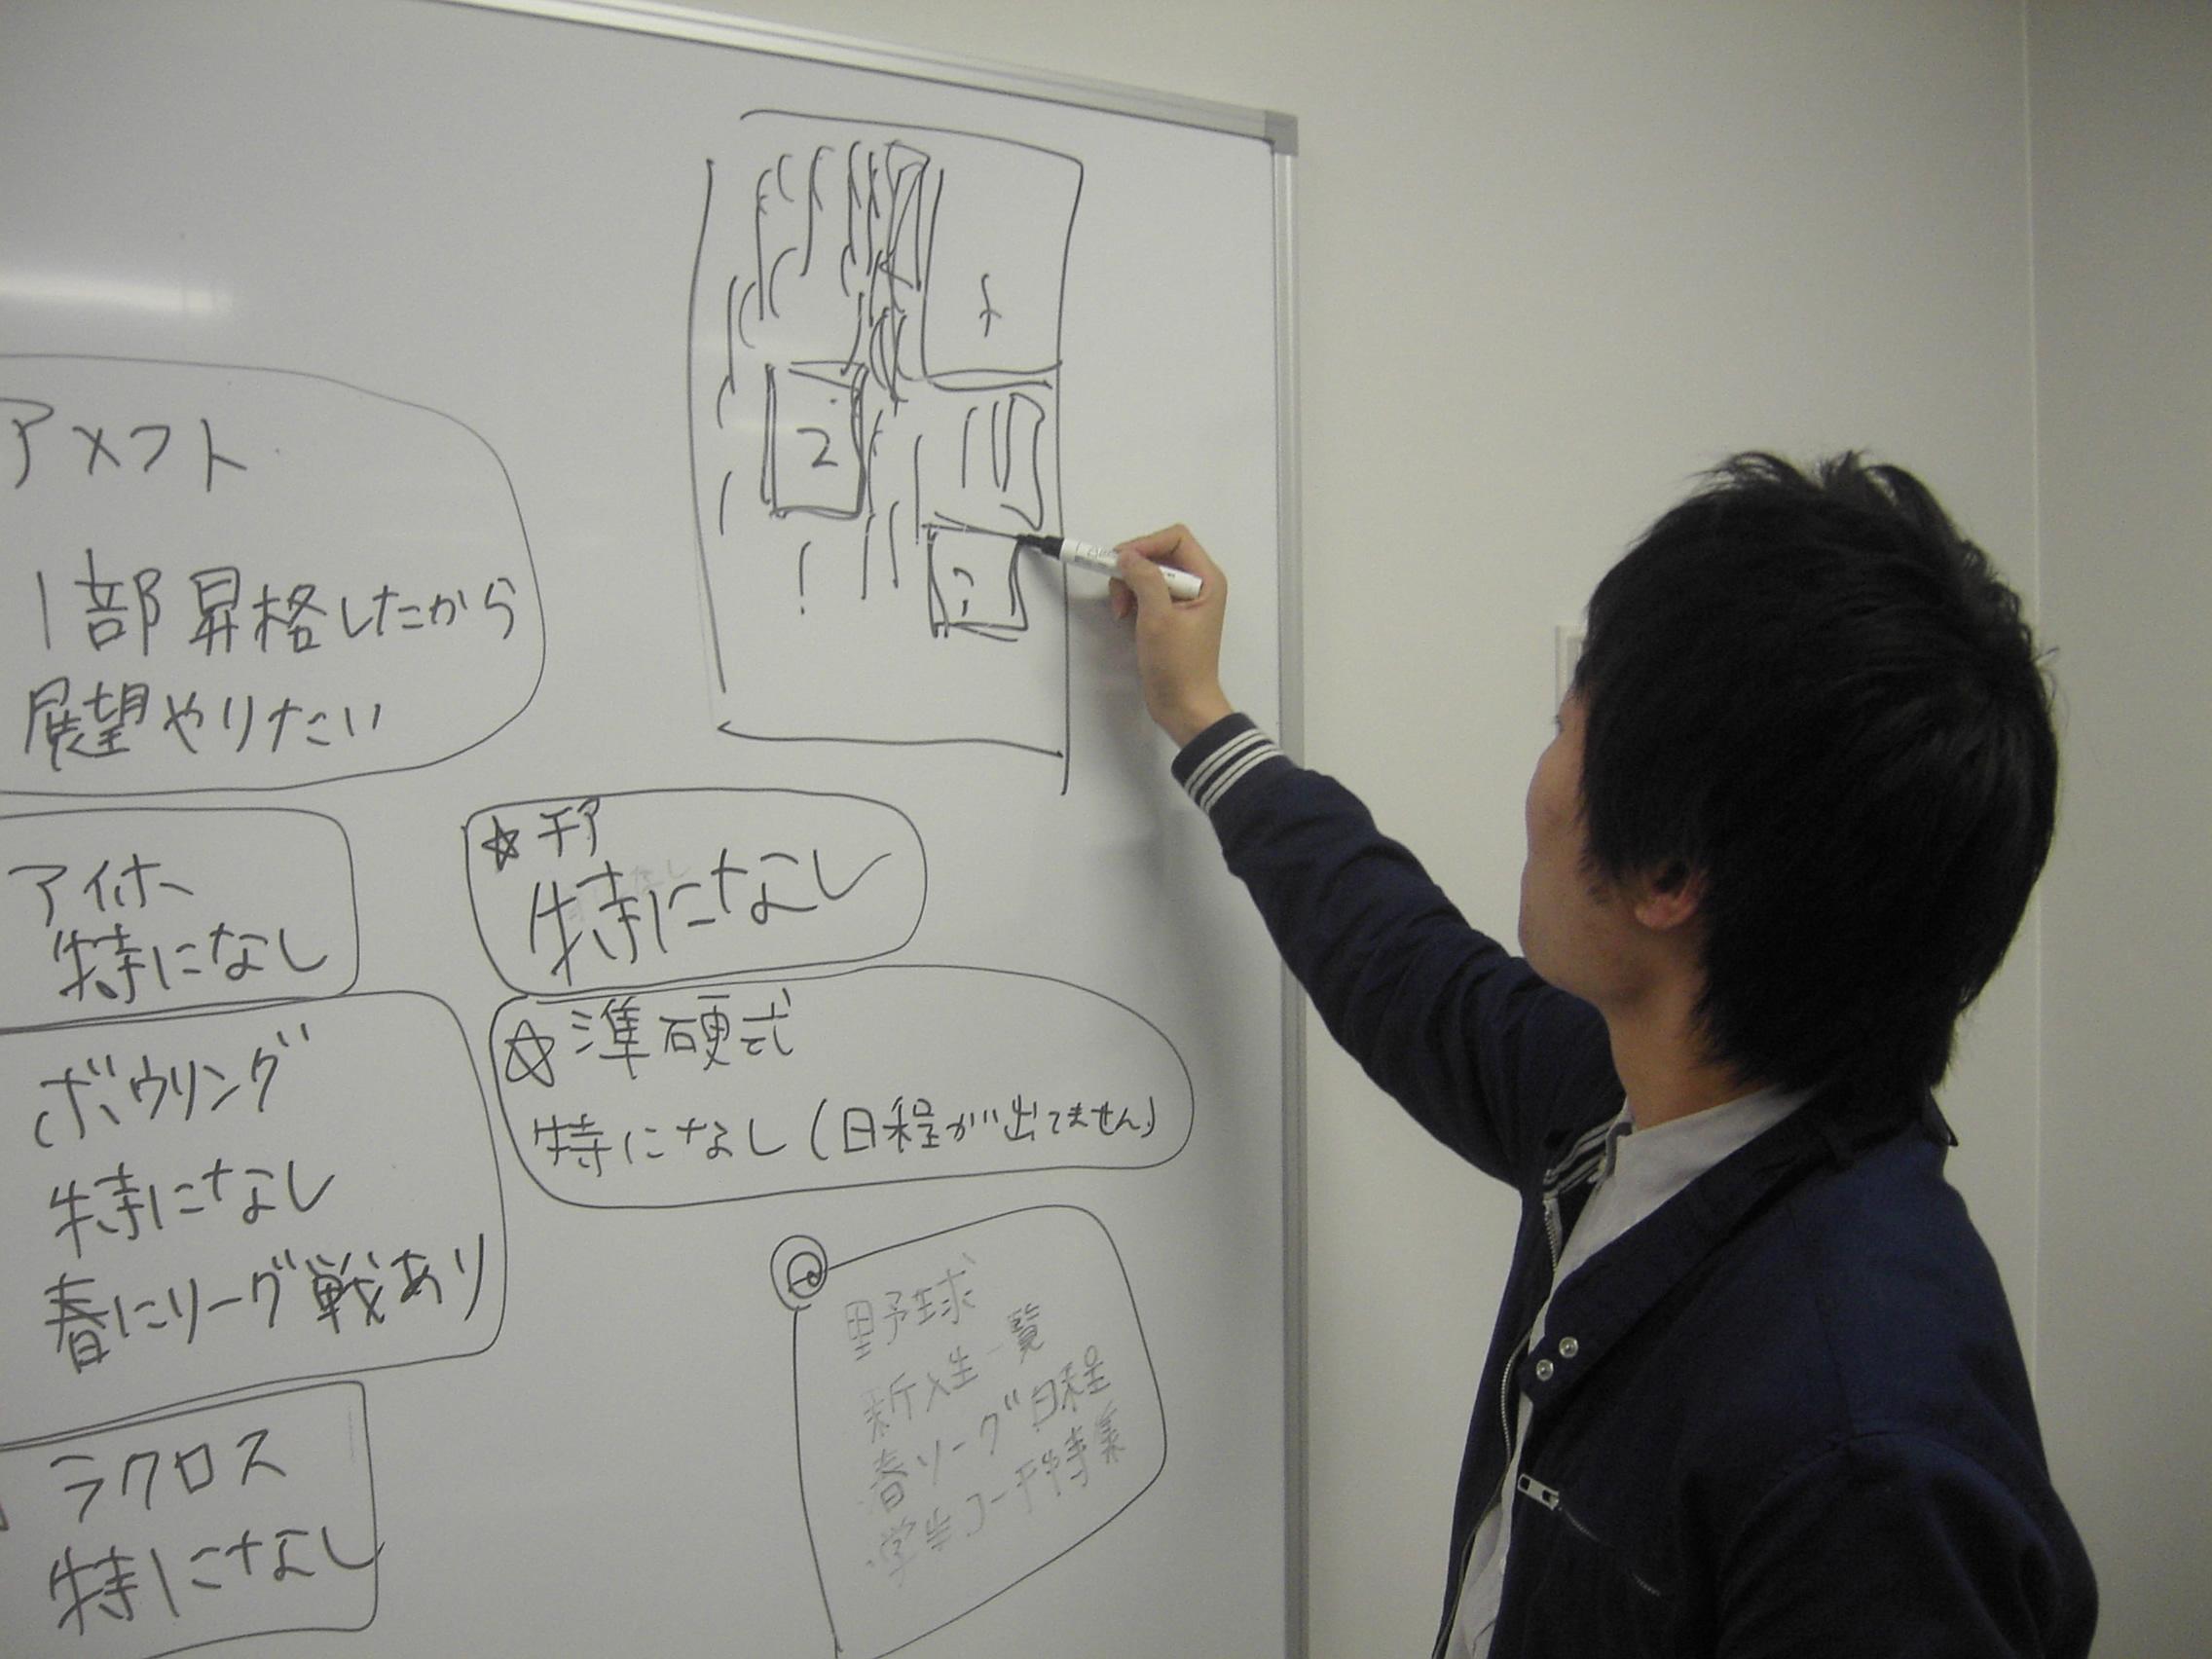 駒澤大学マスコミ研究所学生会                マス研